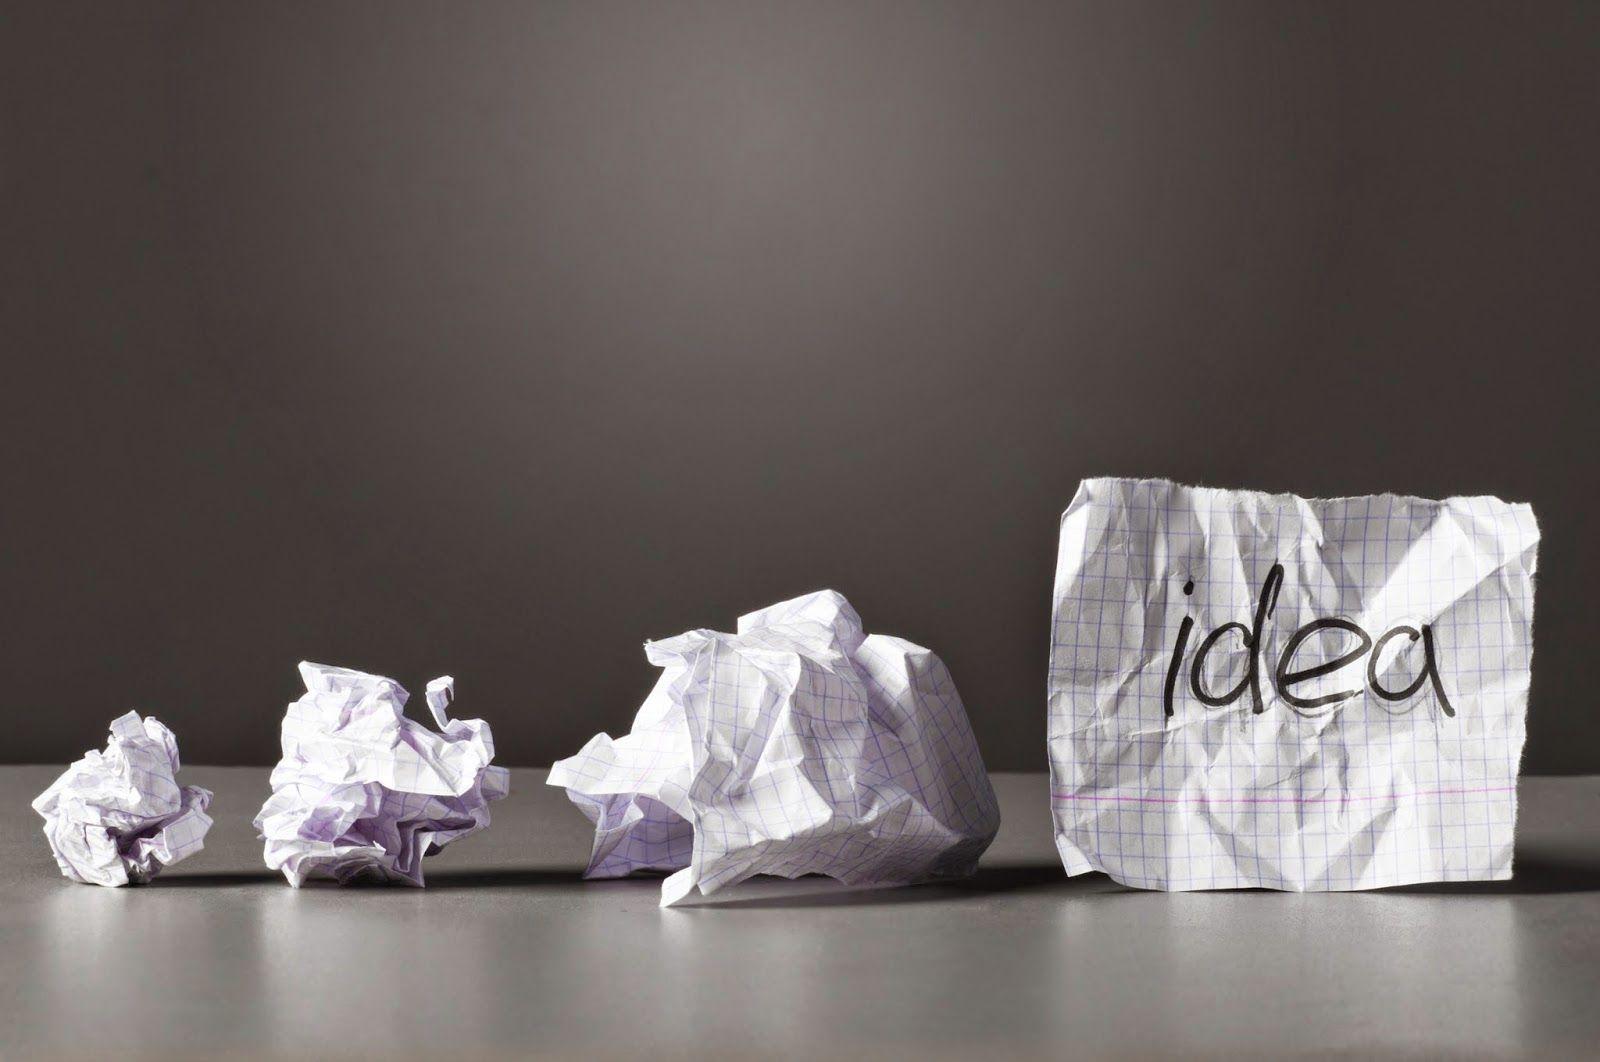 Perdiendo el miedo a fracasar: http://emprendedorbiz.blogspot.mx/2015/01/perdiendo-el-miedo-fracasar.html